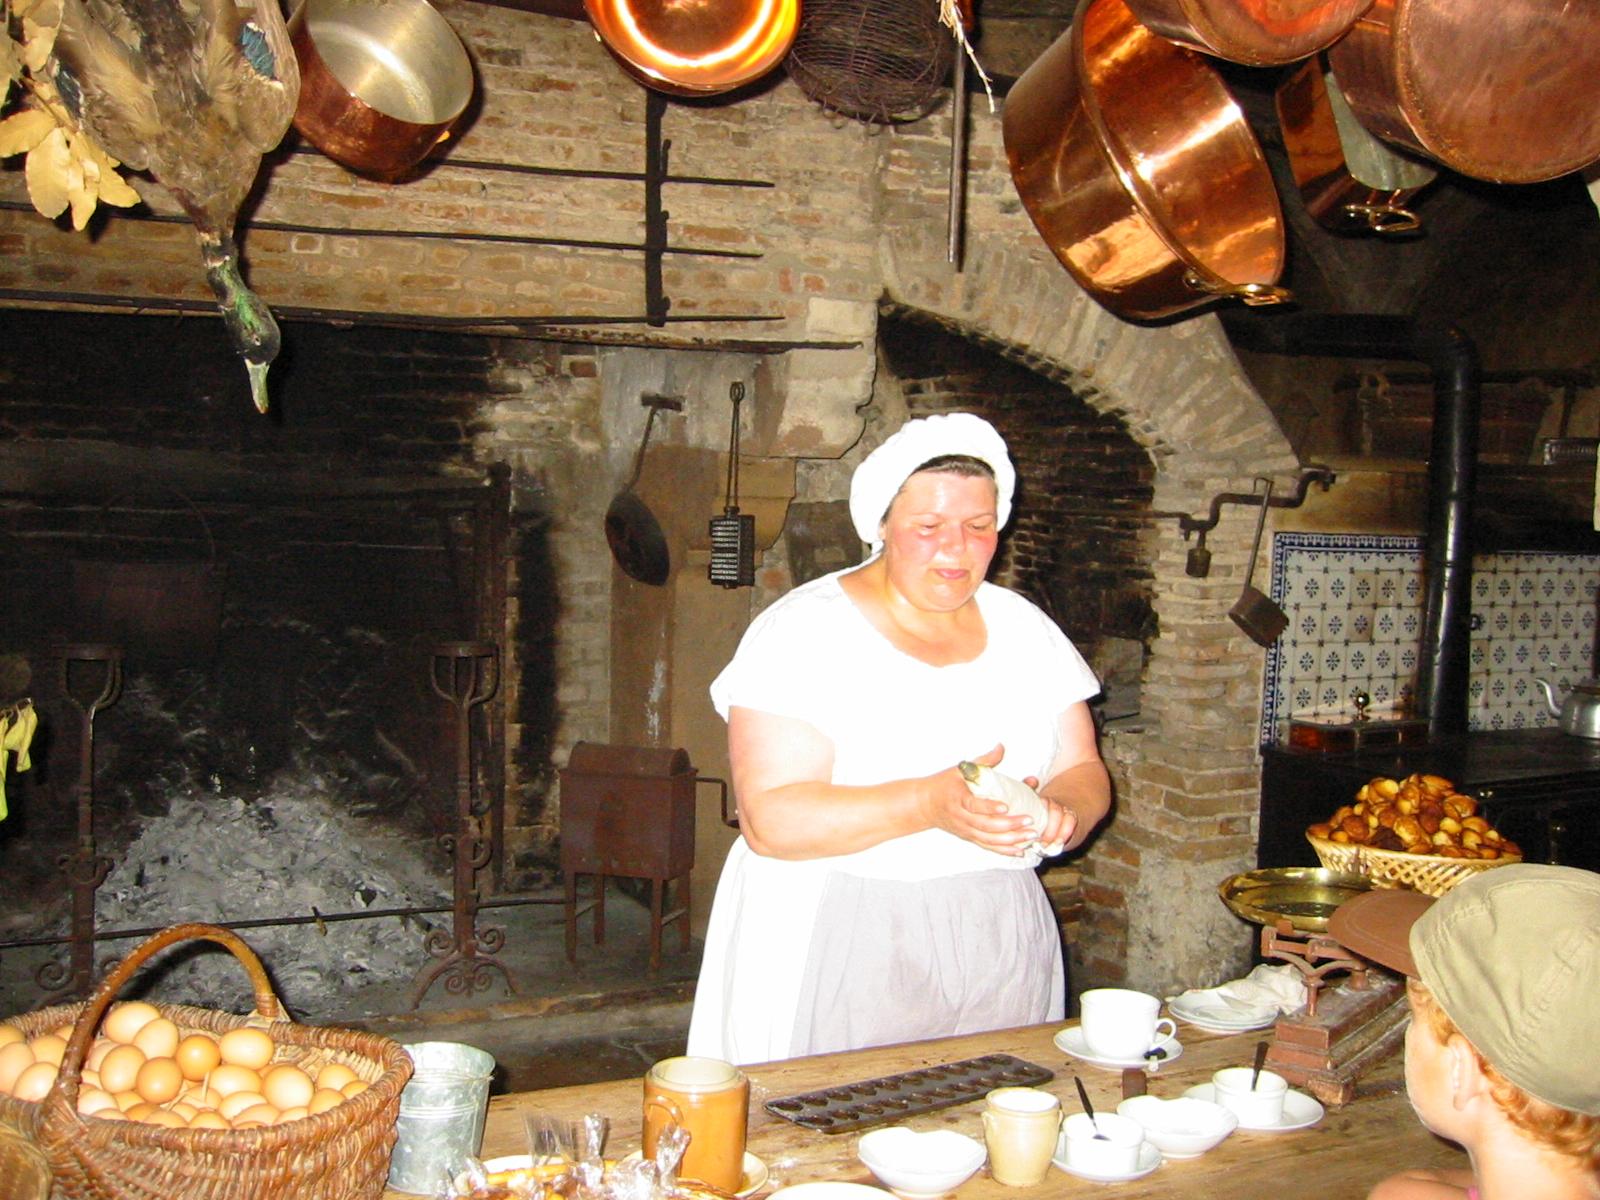 05-making-madeleines